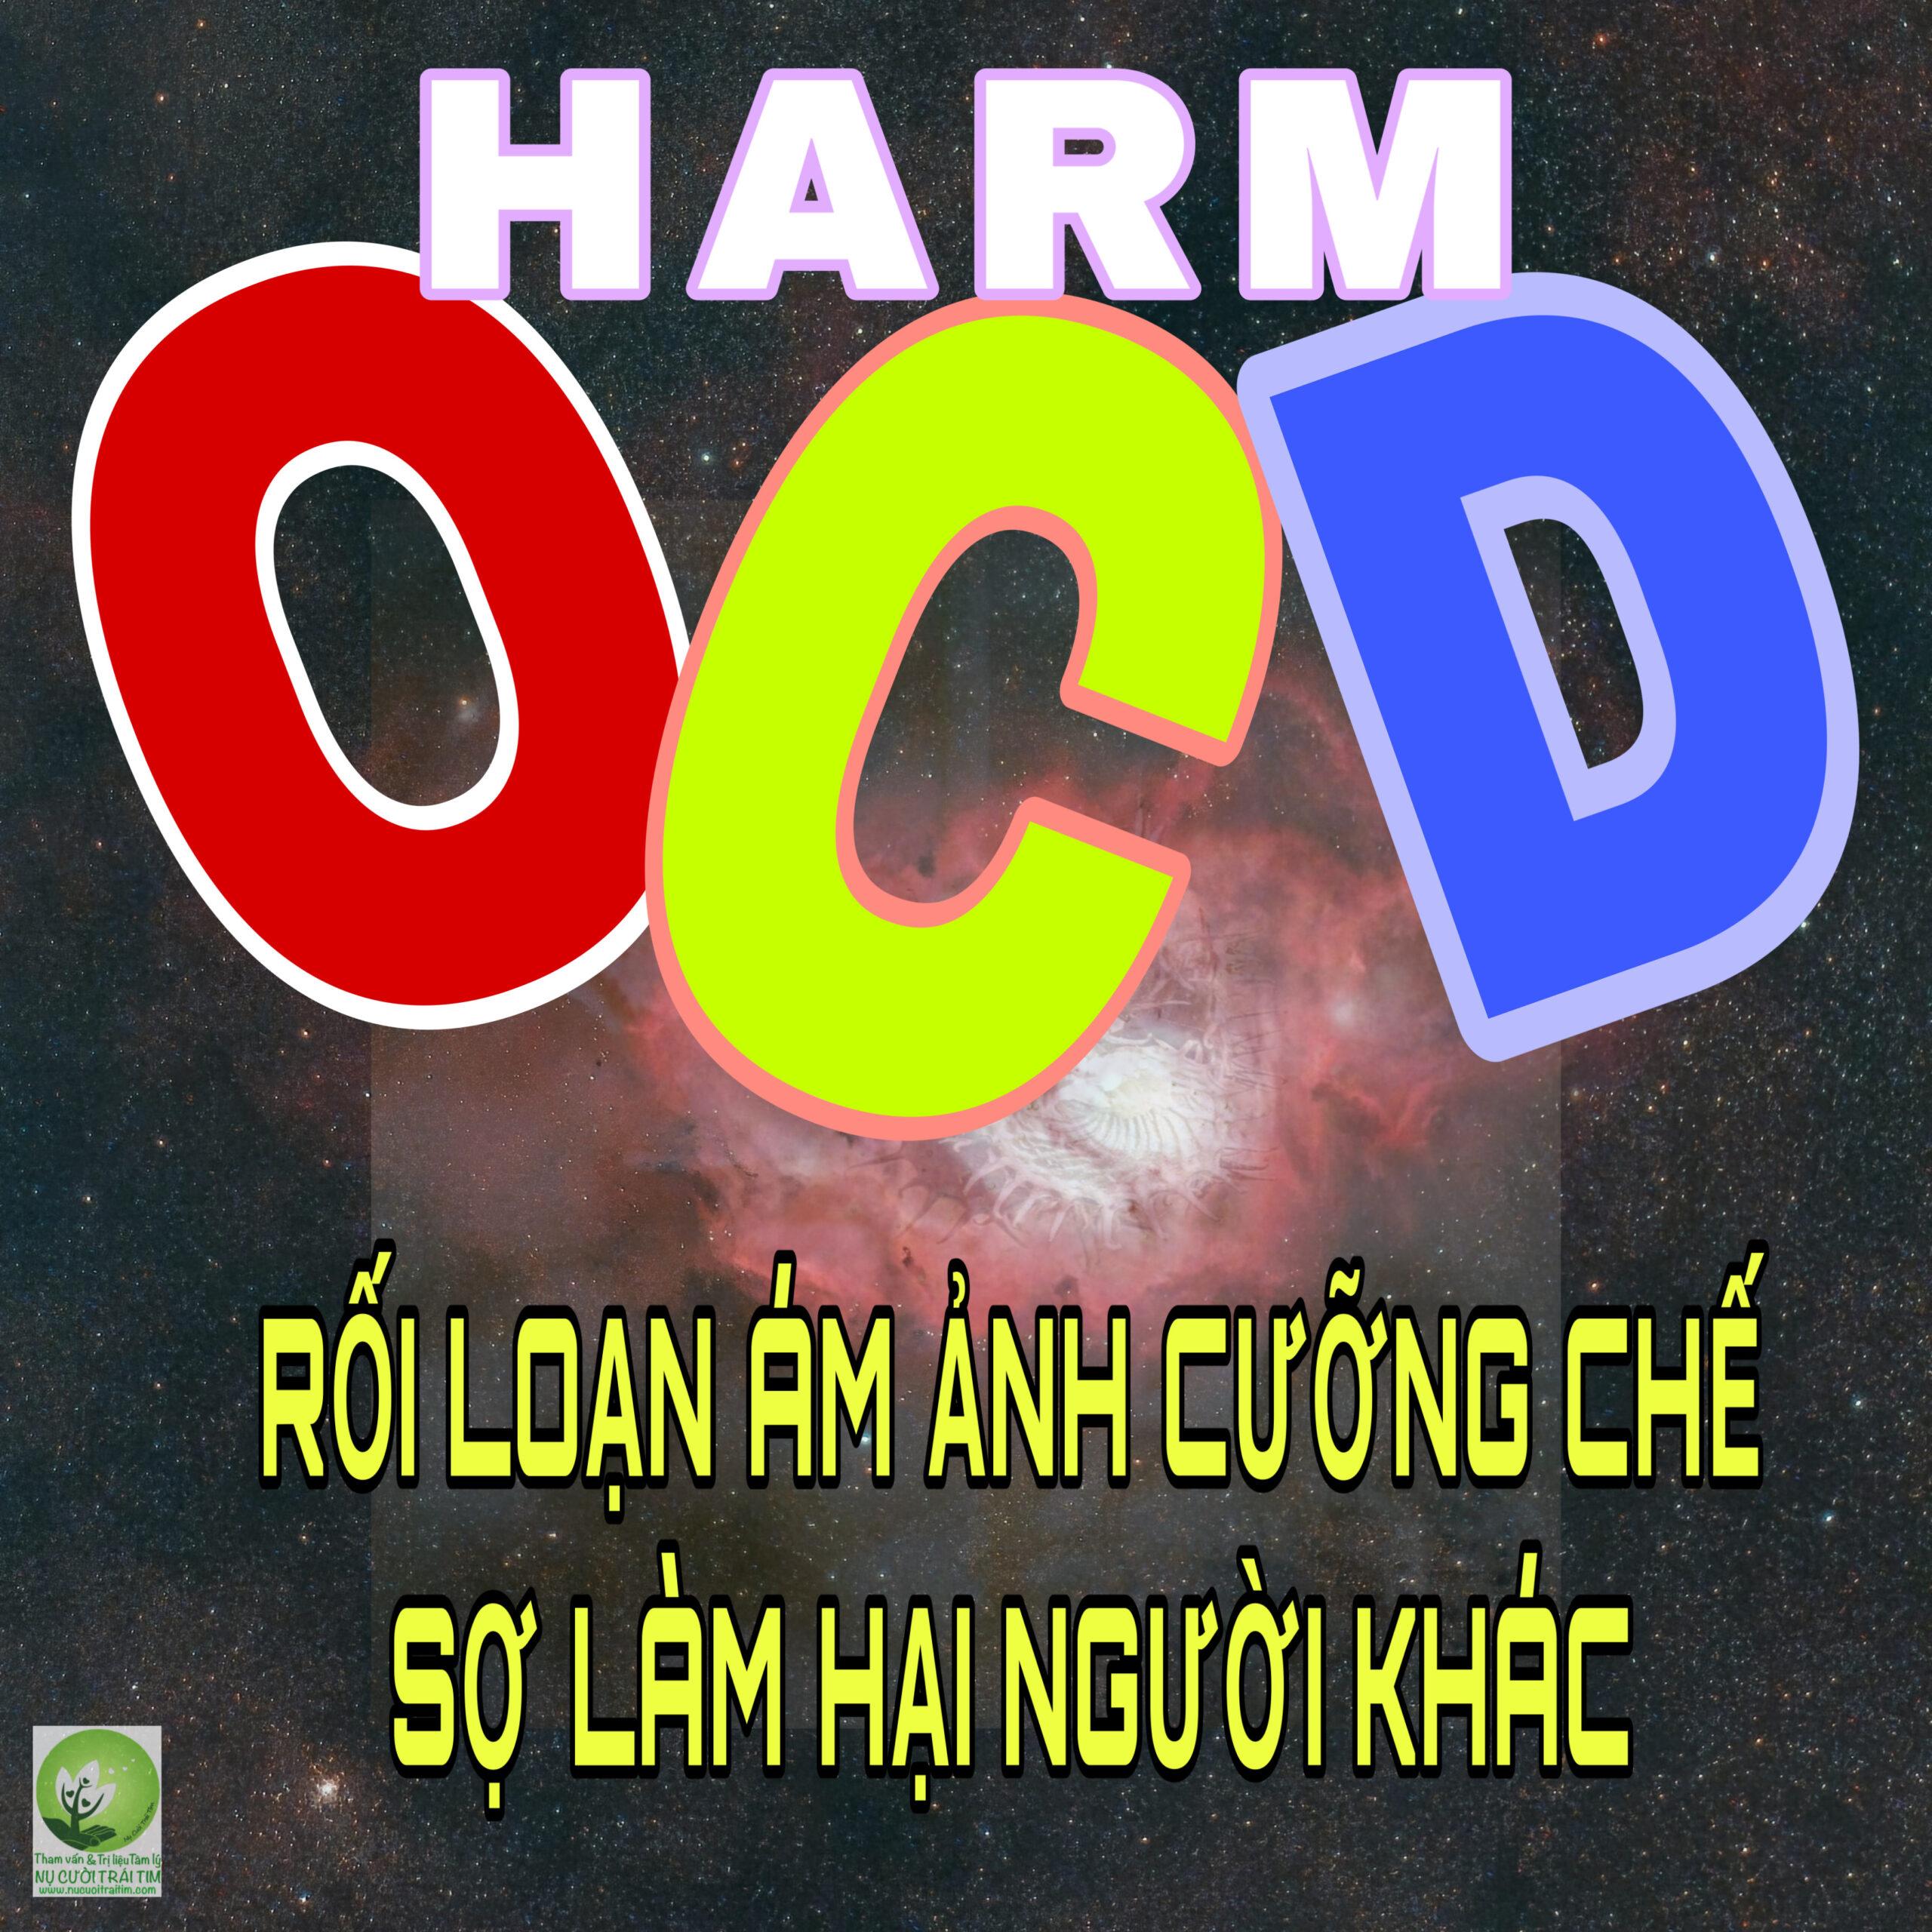 Rối loạn ám ảnh cưỡng chế sợ làm hại người khác (harm OCD) là gì?